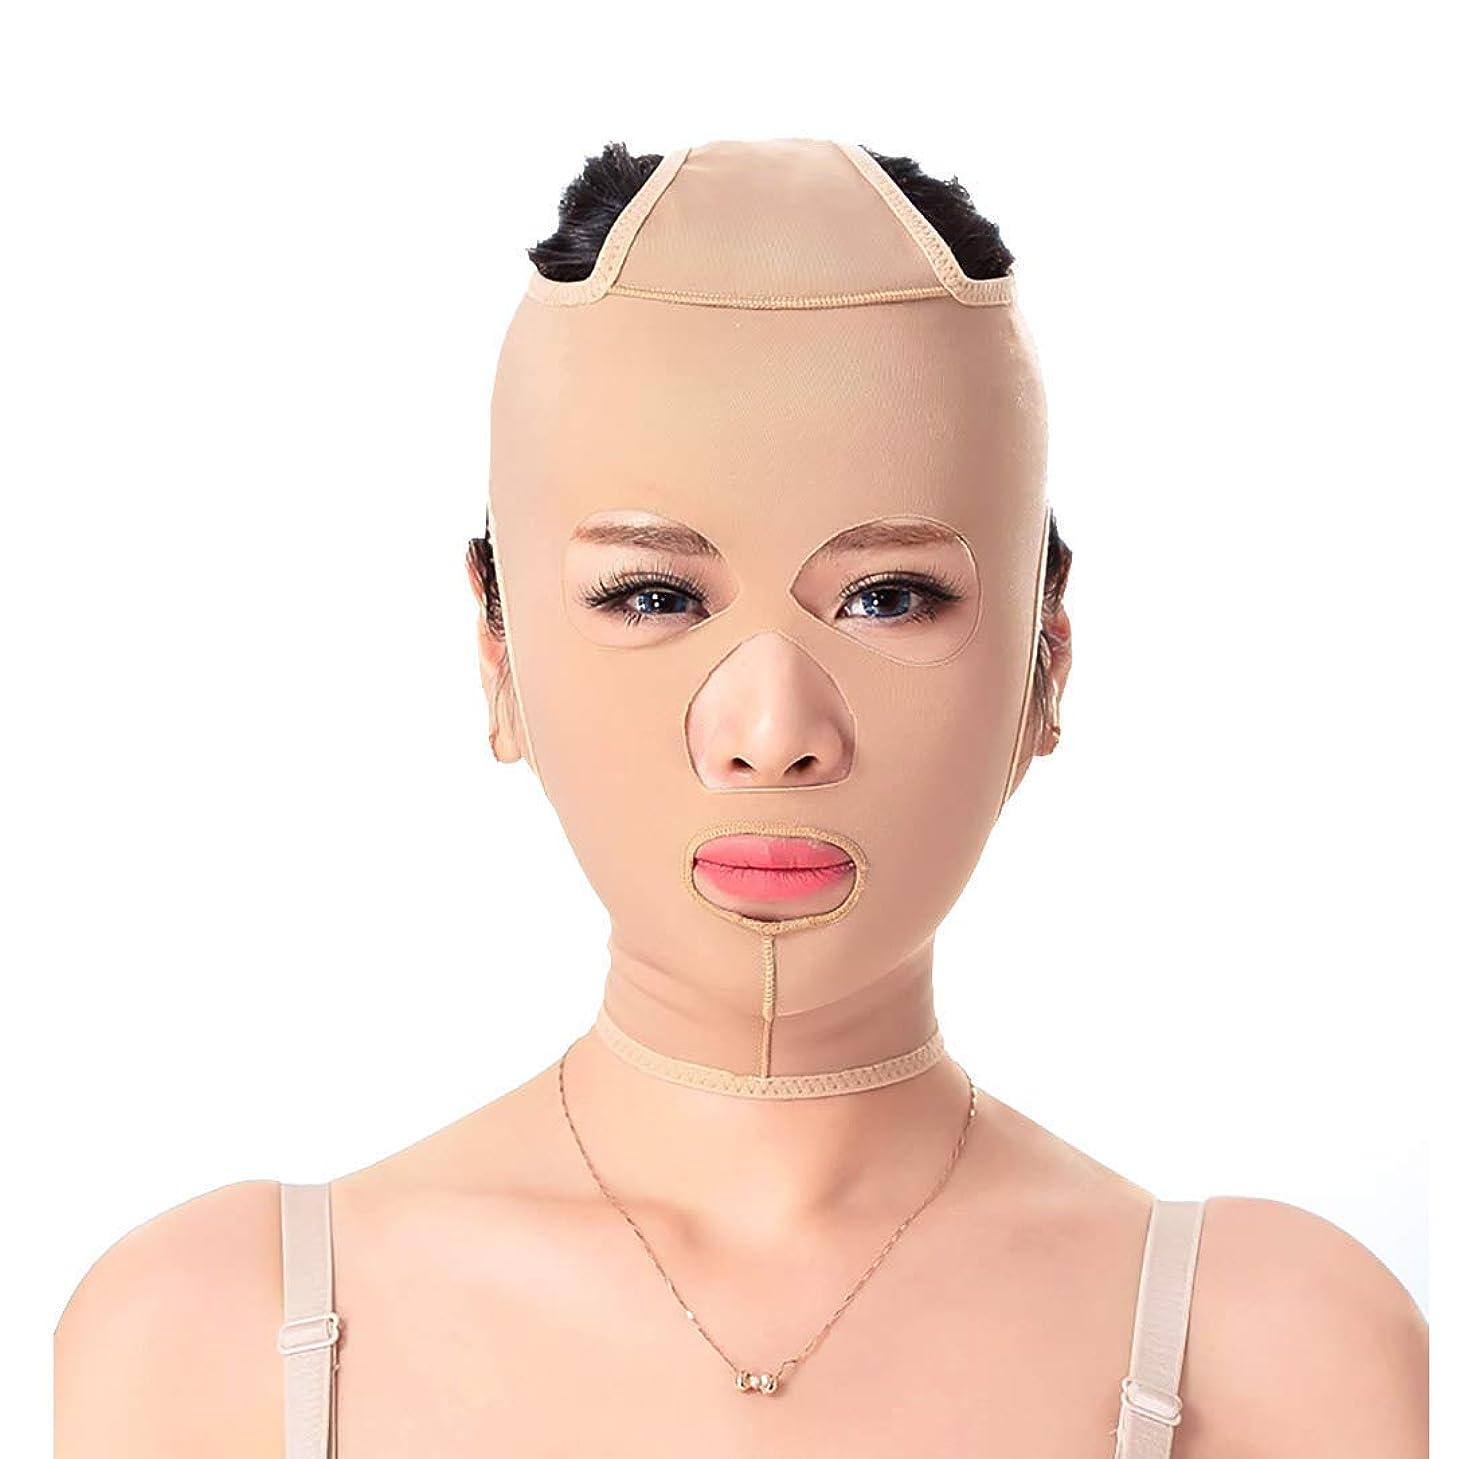 習熟度カトリック教徒咽頭スリミングベルト、二重あごの引き締め顔面プラスチック顔アーティファクト強力な顔の包帯を脇に持ち上げるパターンを欺くためのフェイシャルマスク薄いフェイスマスク(サイズ:XXL),M